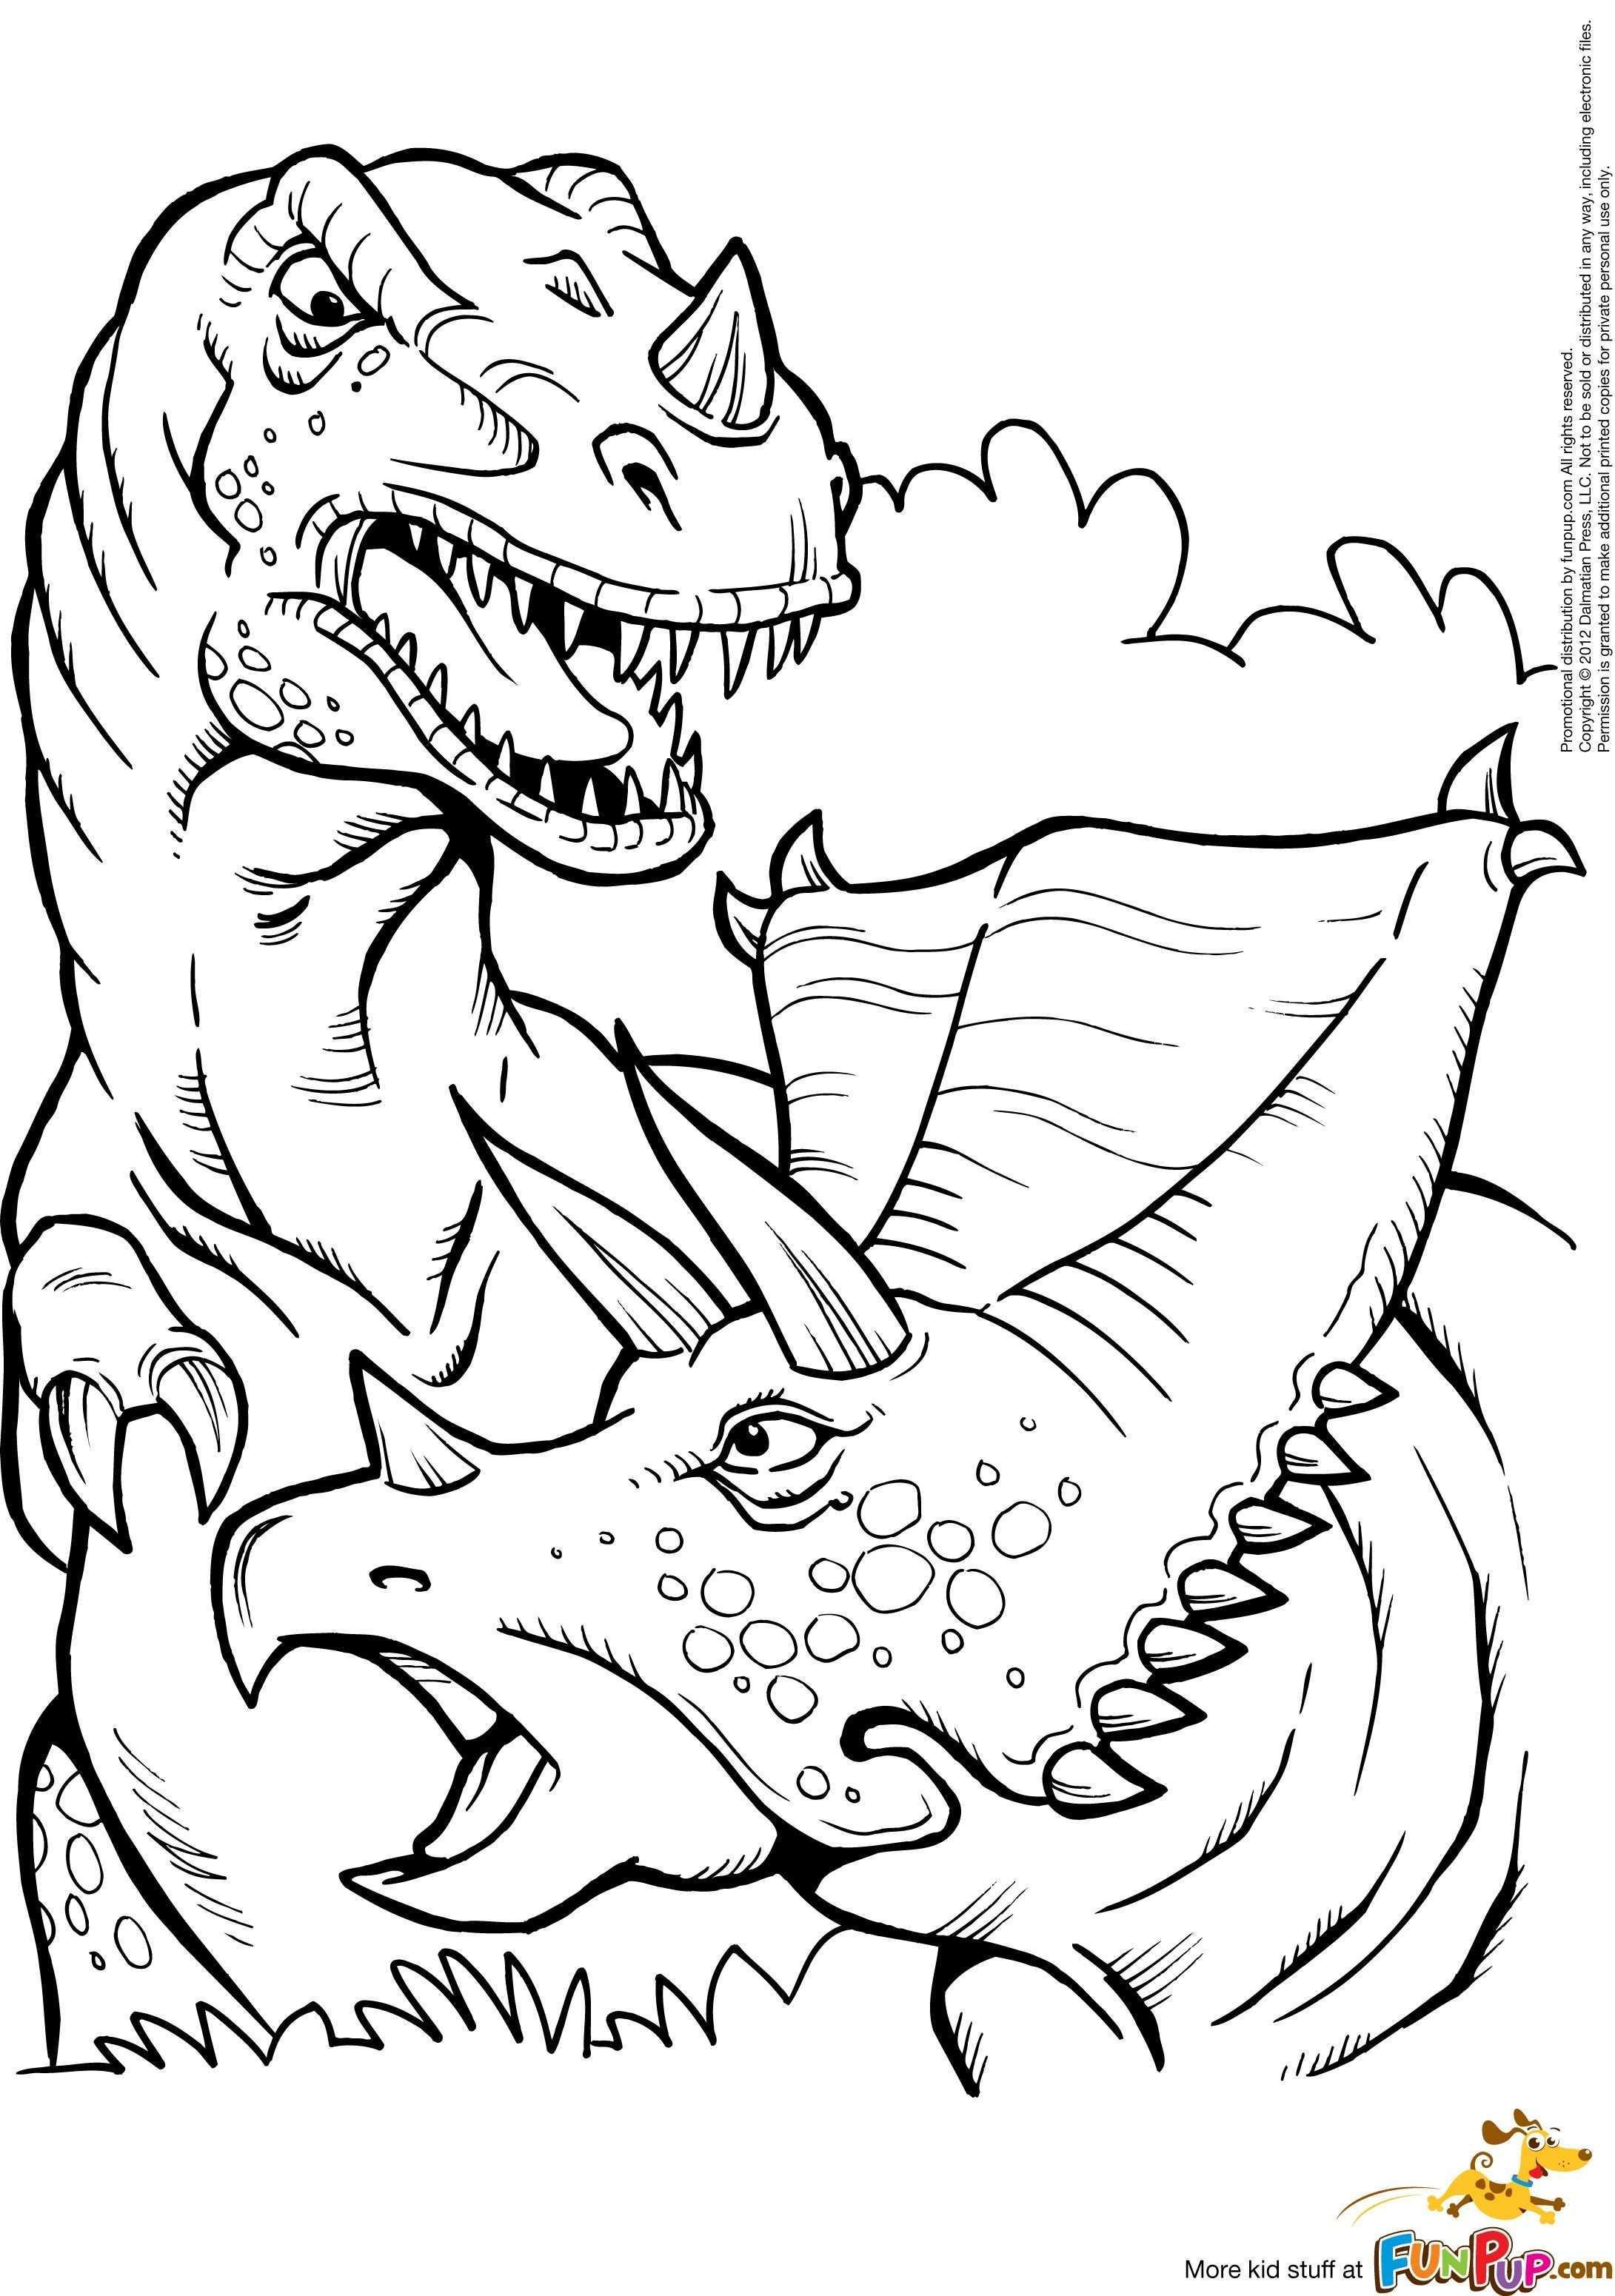 T Rex And Triceratops 0 00 Kleurplaten Kinderkleurplaten Kleurboek